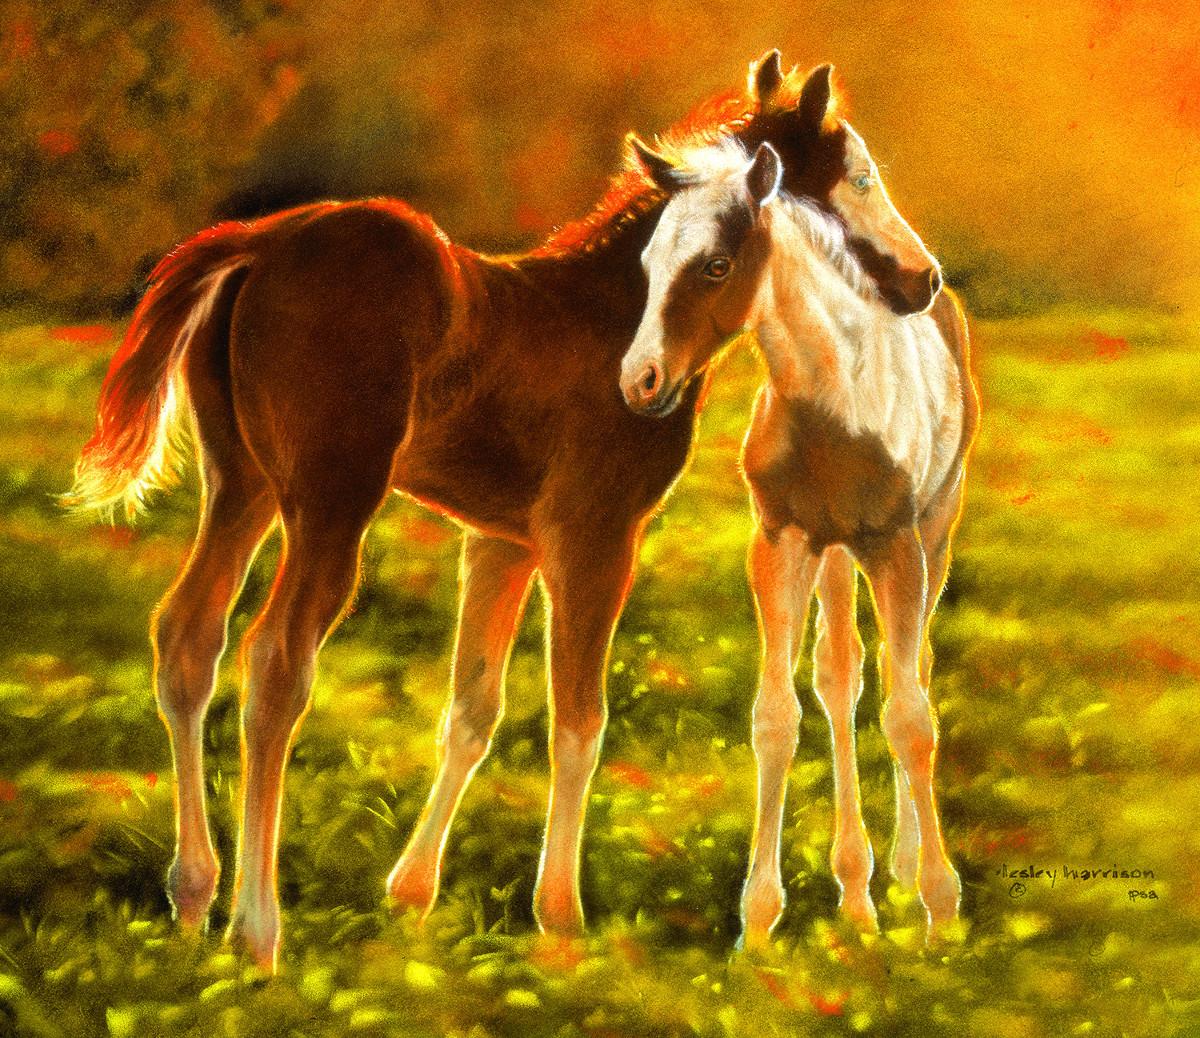 lesley-harrison-backlit-foals